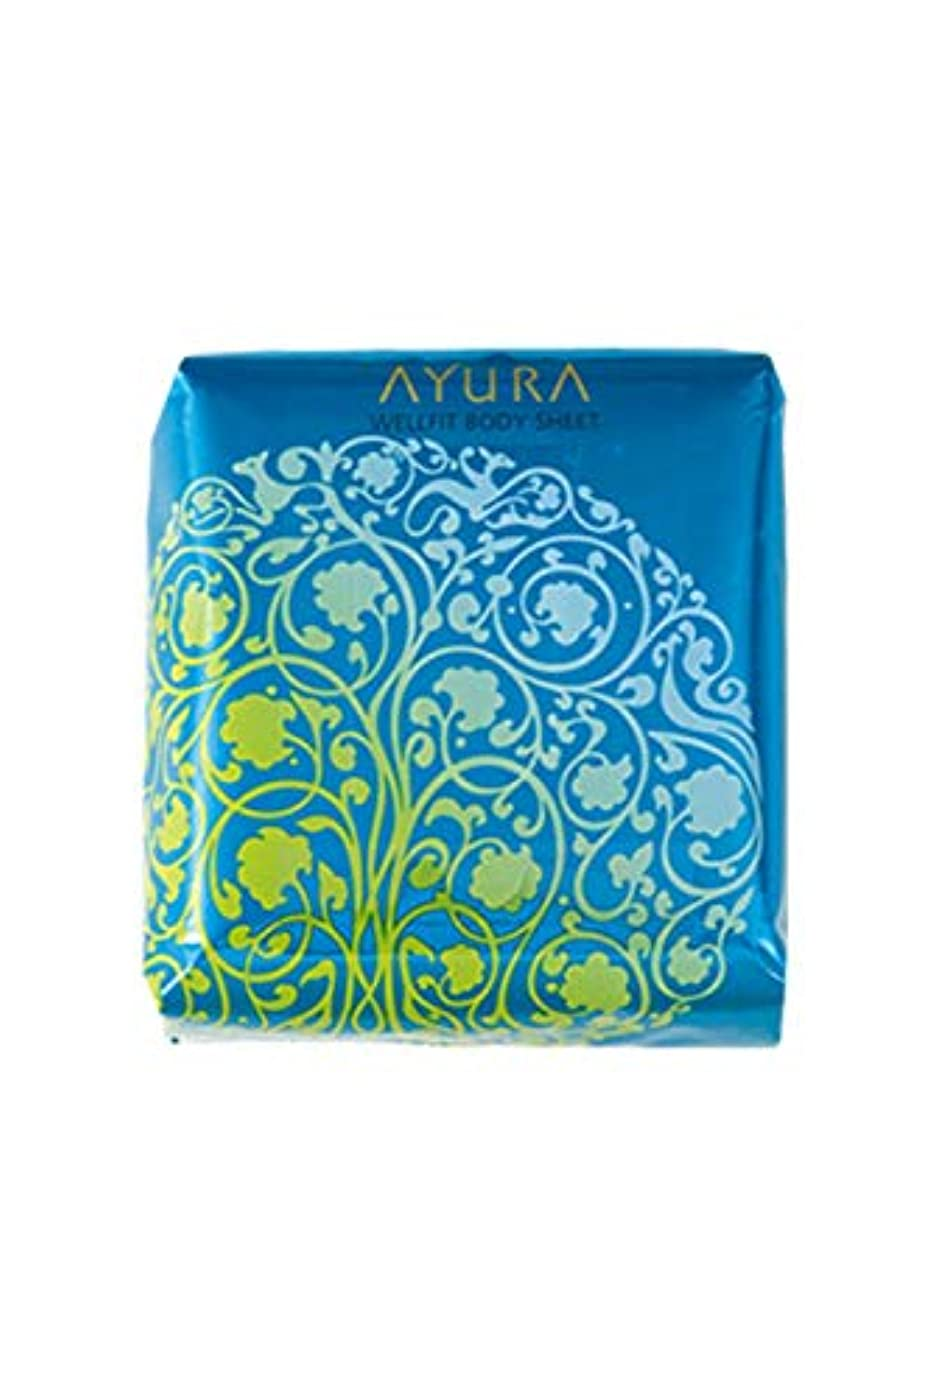 ビリーヤギ効果的従順なアユーラ (AYURA) ウェルフィット ボディーシート(L) 30枚入 〈ボディー用 シート〉 心地よい森林の香気